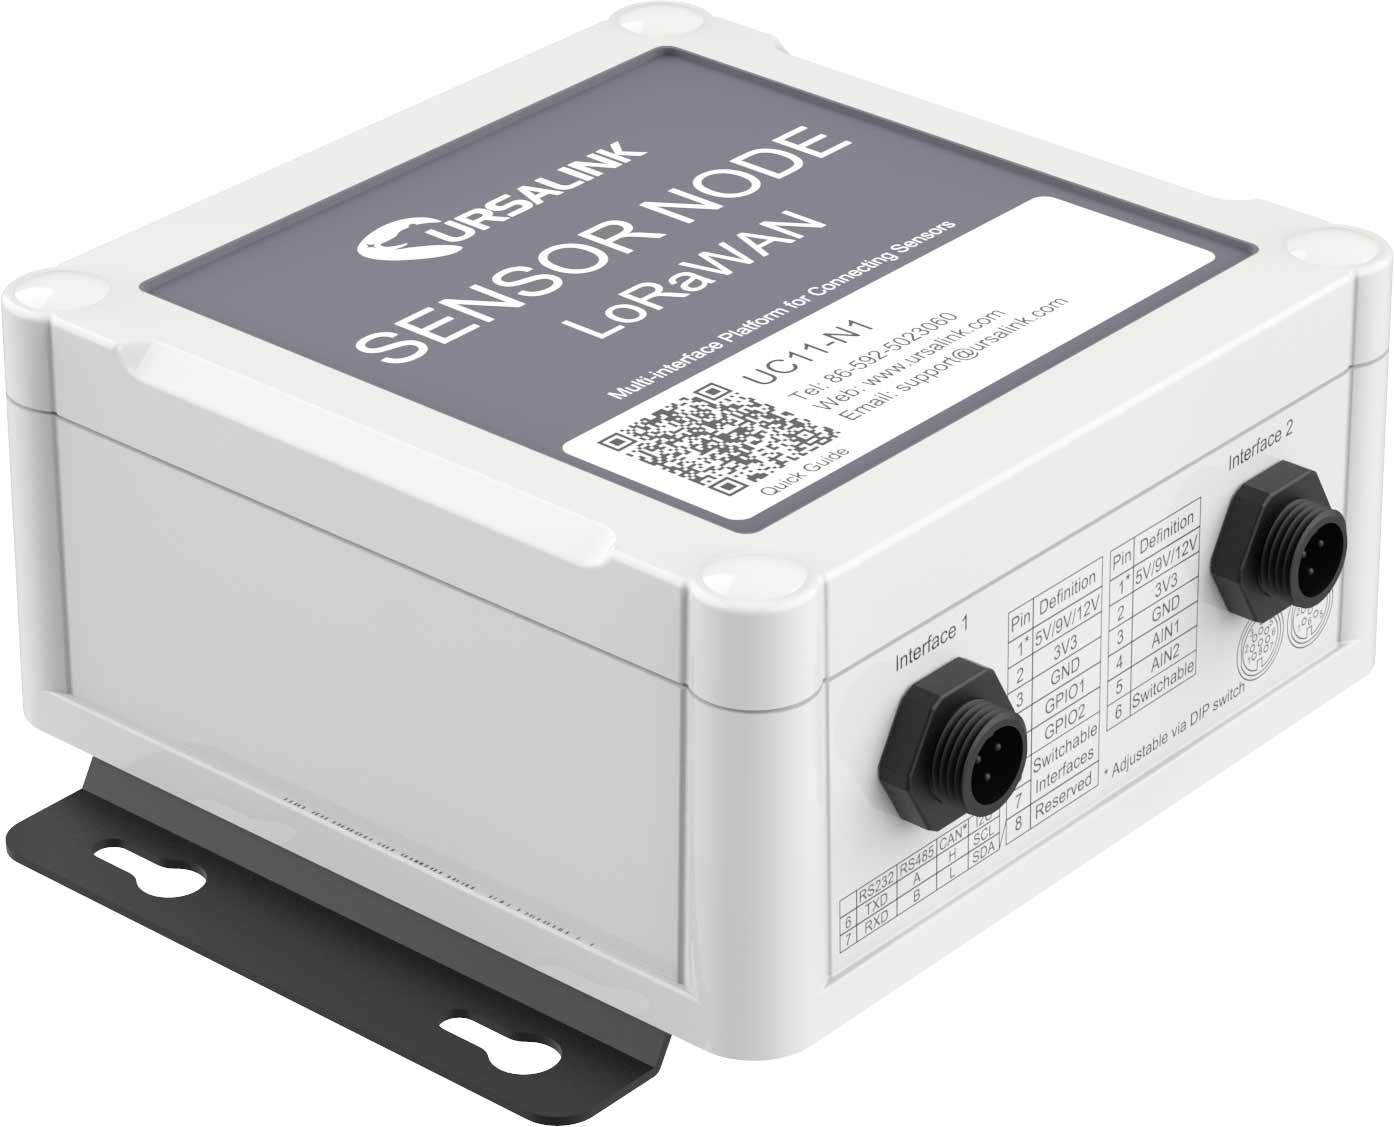 UC11-N1_LoRaWAN-Sensor buy online at ICPDAS-EUROPE